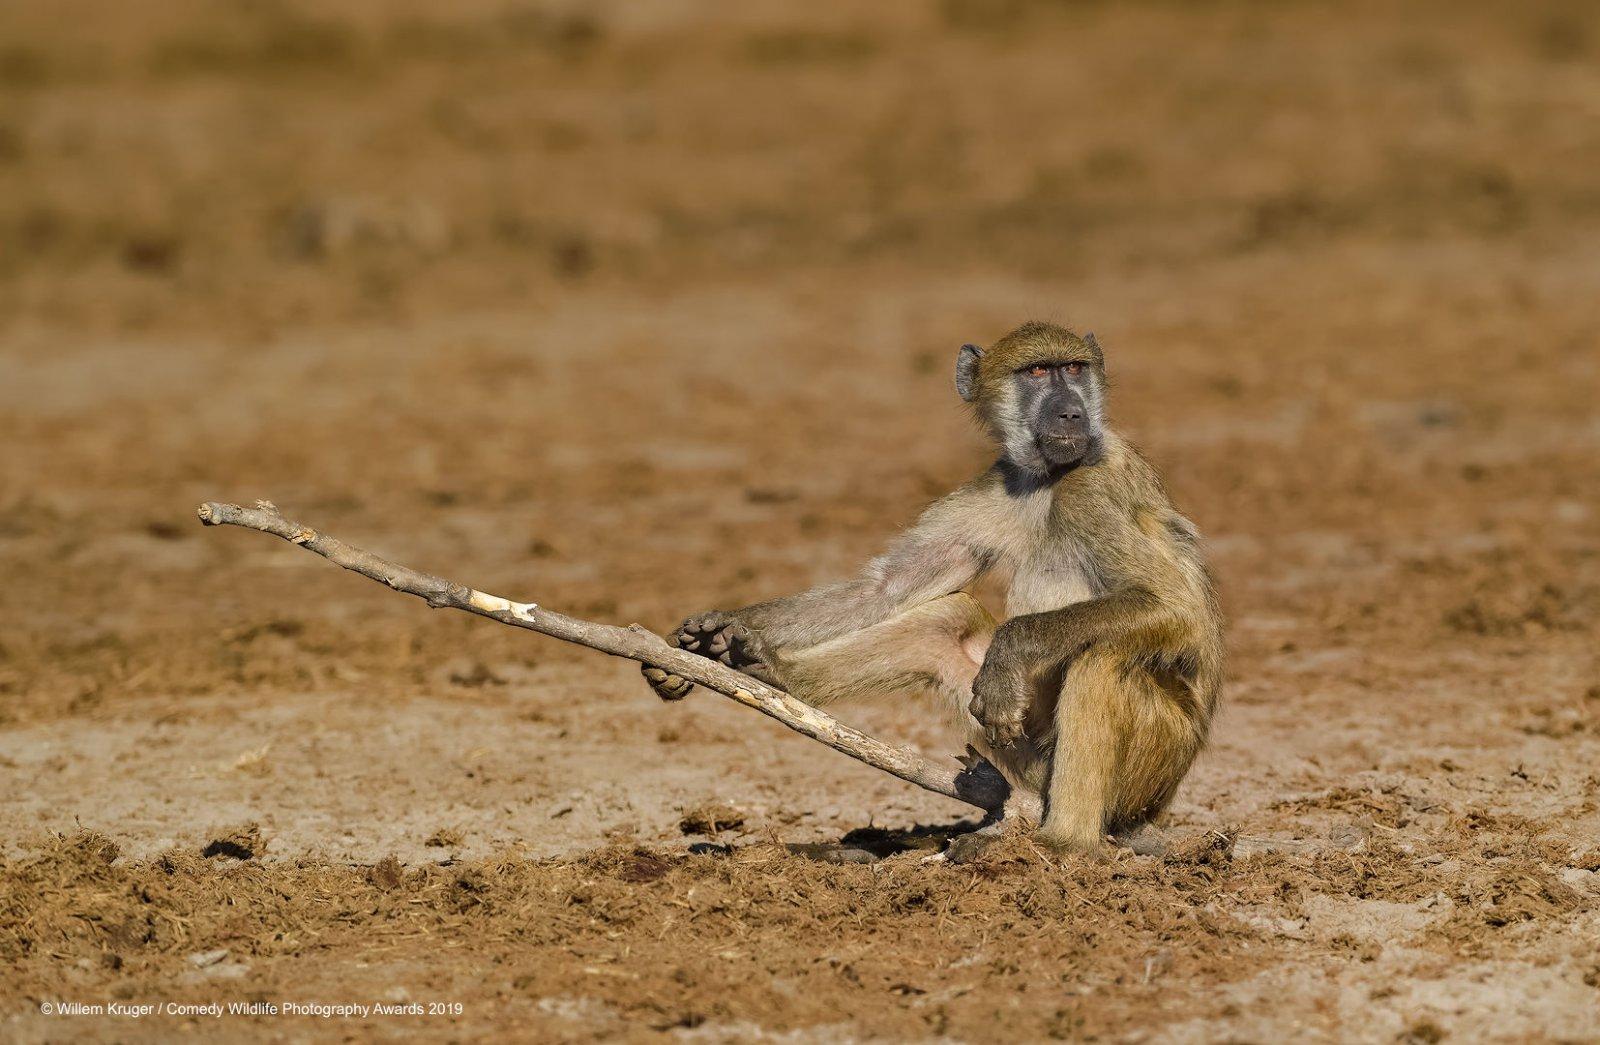 40 самых смешных финалистов премии Comedy Wildlife Photography Awards 2019 фотографии, дикой, природы, конкурса, который, Comedy, конкурс, куданибудь, Awards, Wildlife, природе, Прошло, похоже, Самый, достигнуты, Вовторых, более, касается, сохранения, «Никто